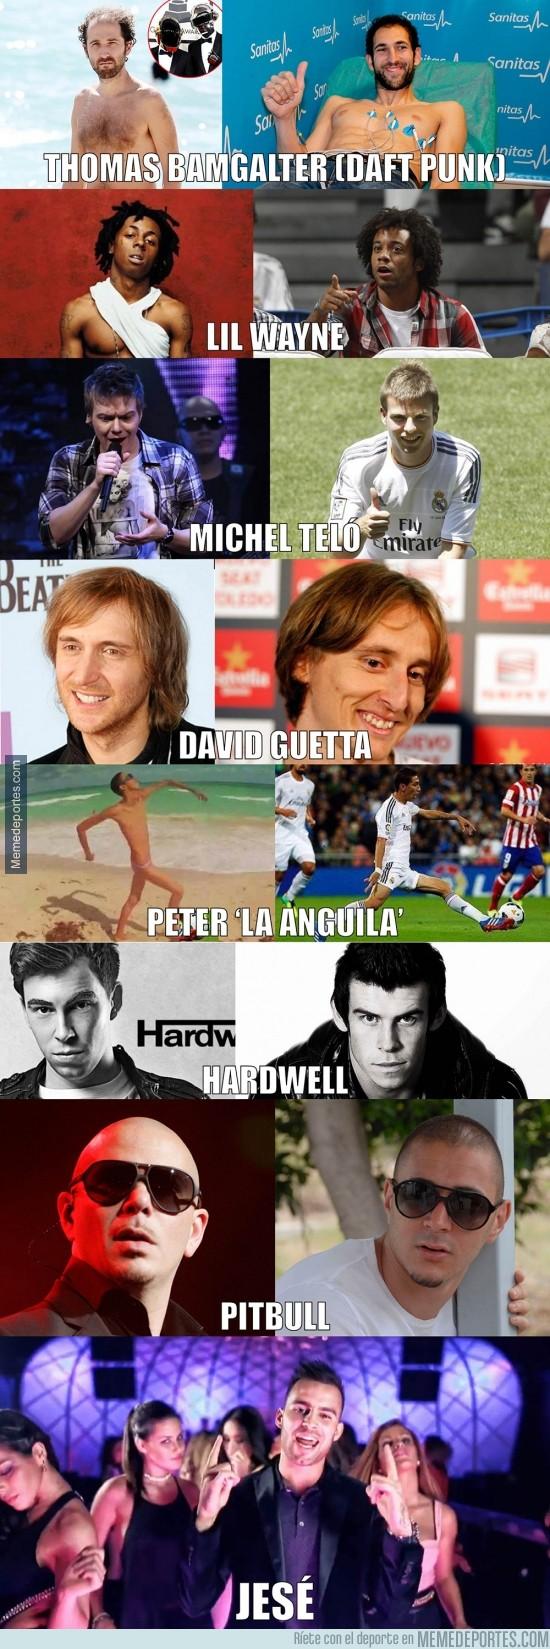 282567 - El Madrid ficha estrellas del fútbol... y de la música